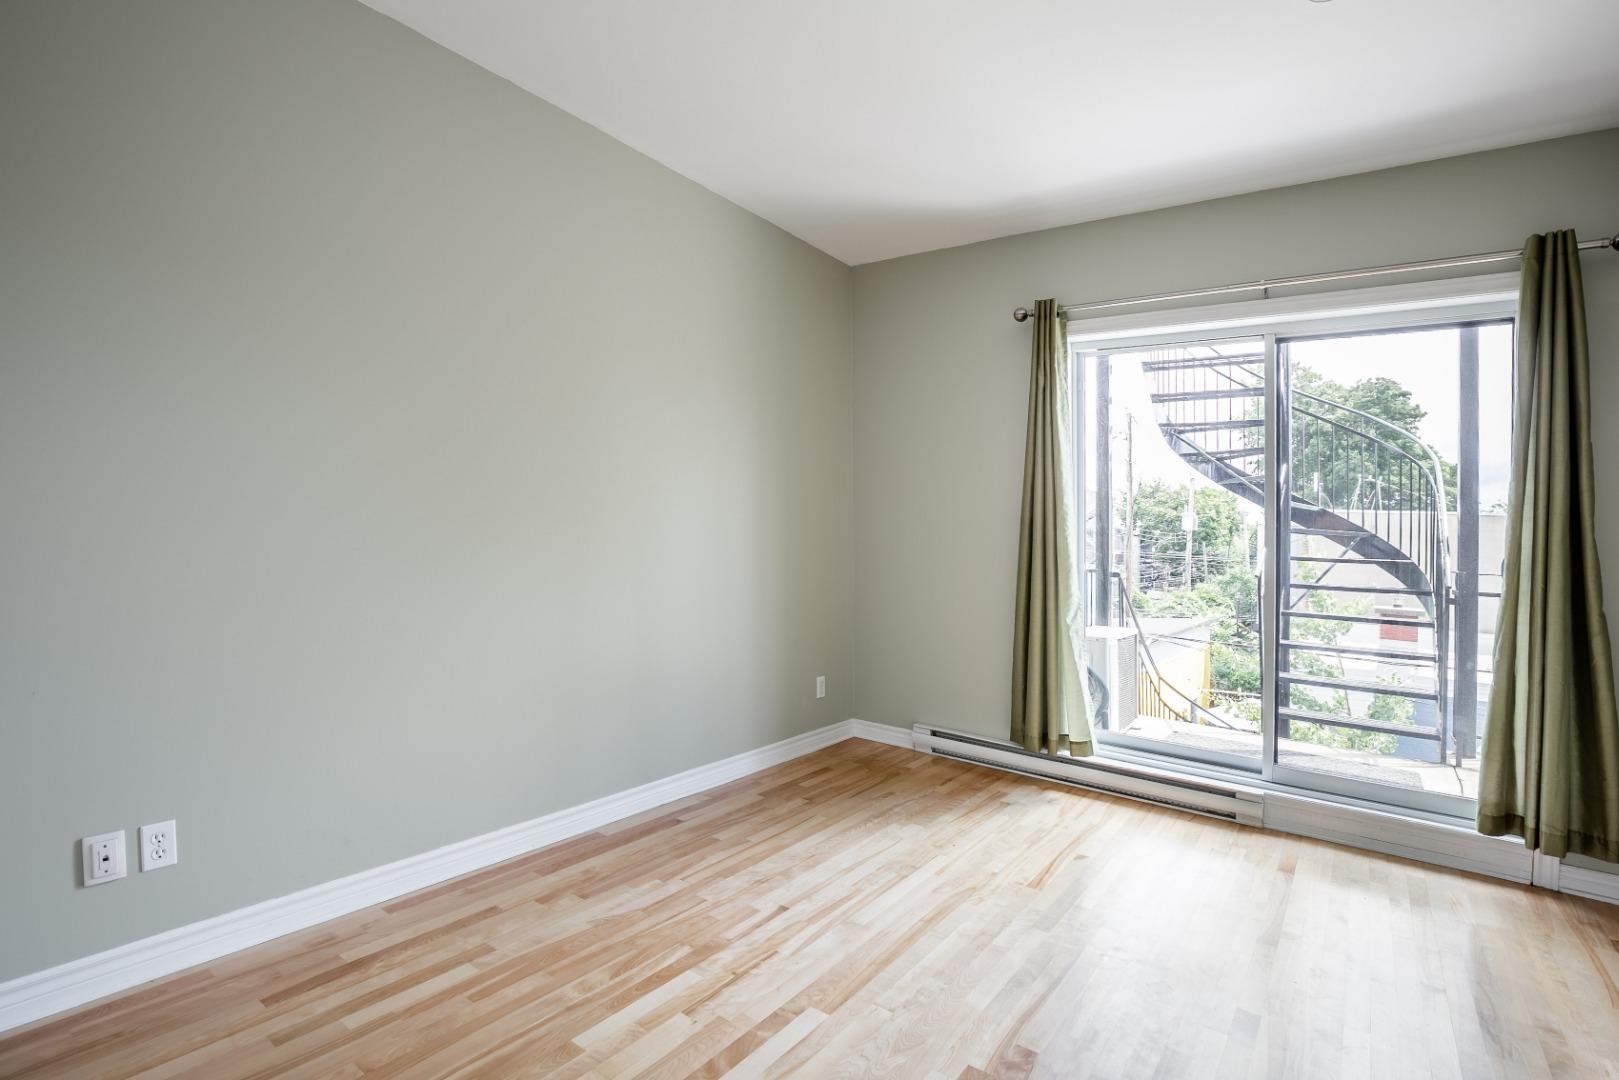 condo a vendre rosemont_montreal- 3860 rue masson_#3_AL-11.jpg